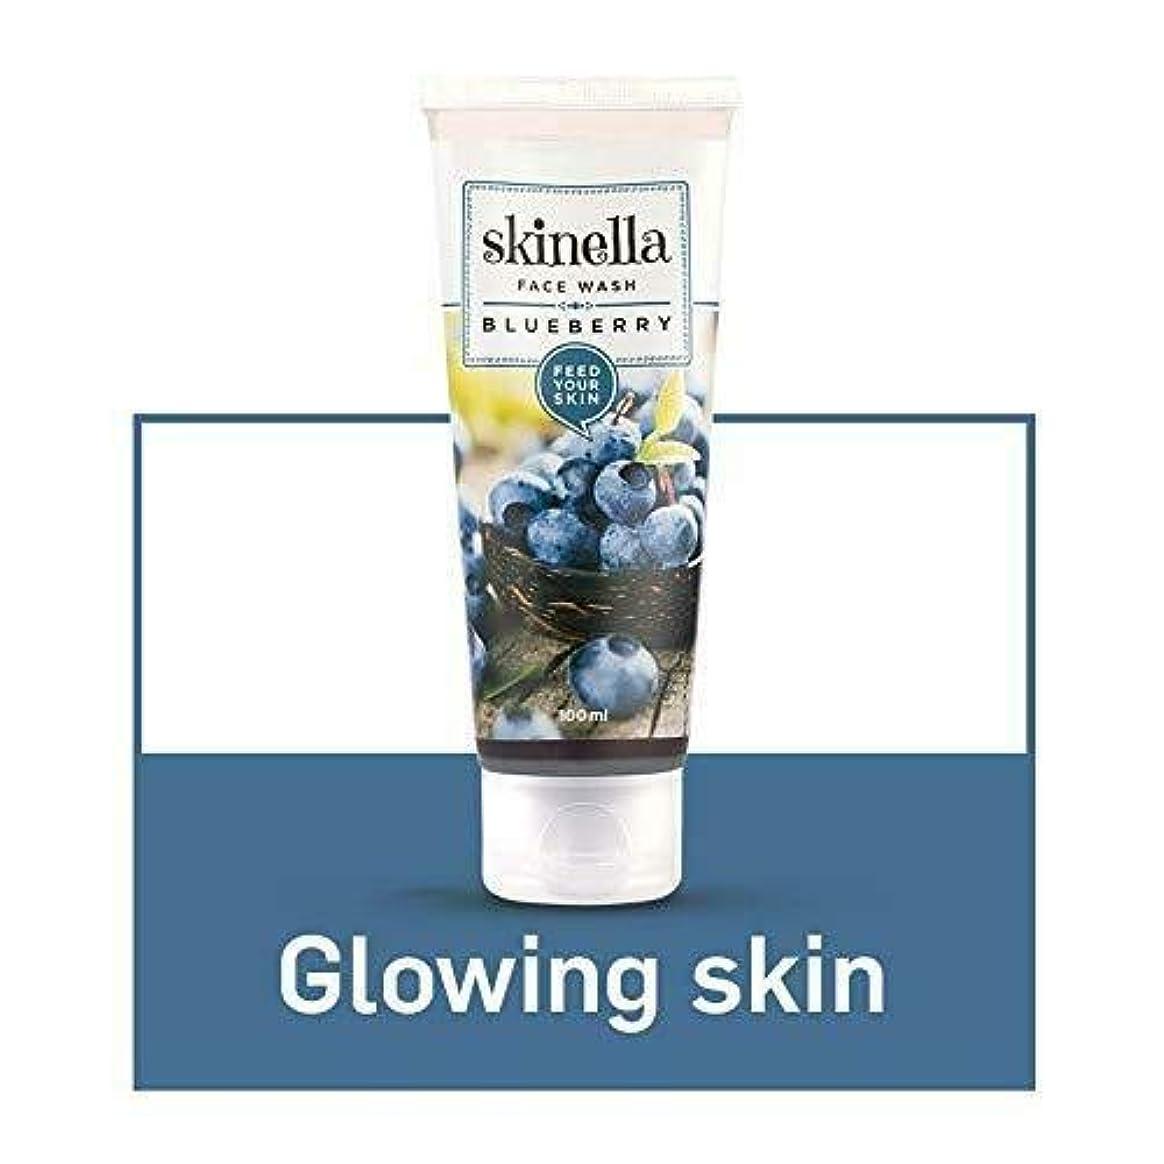 チェス切り下げ大砲Skinella Blueberry Face Wash 100ml blueberry extracts & olive oil Cleanses Skin Skinellaブルーベリーフェイスウォッシュ ブルーベリーエキス...